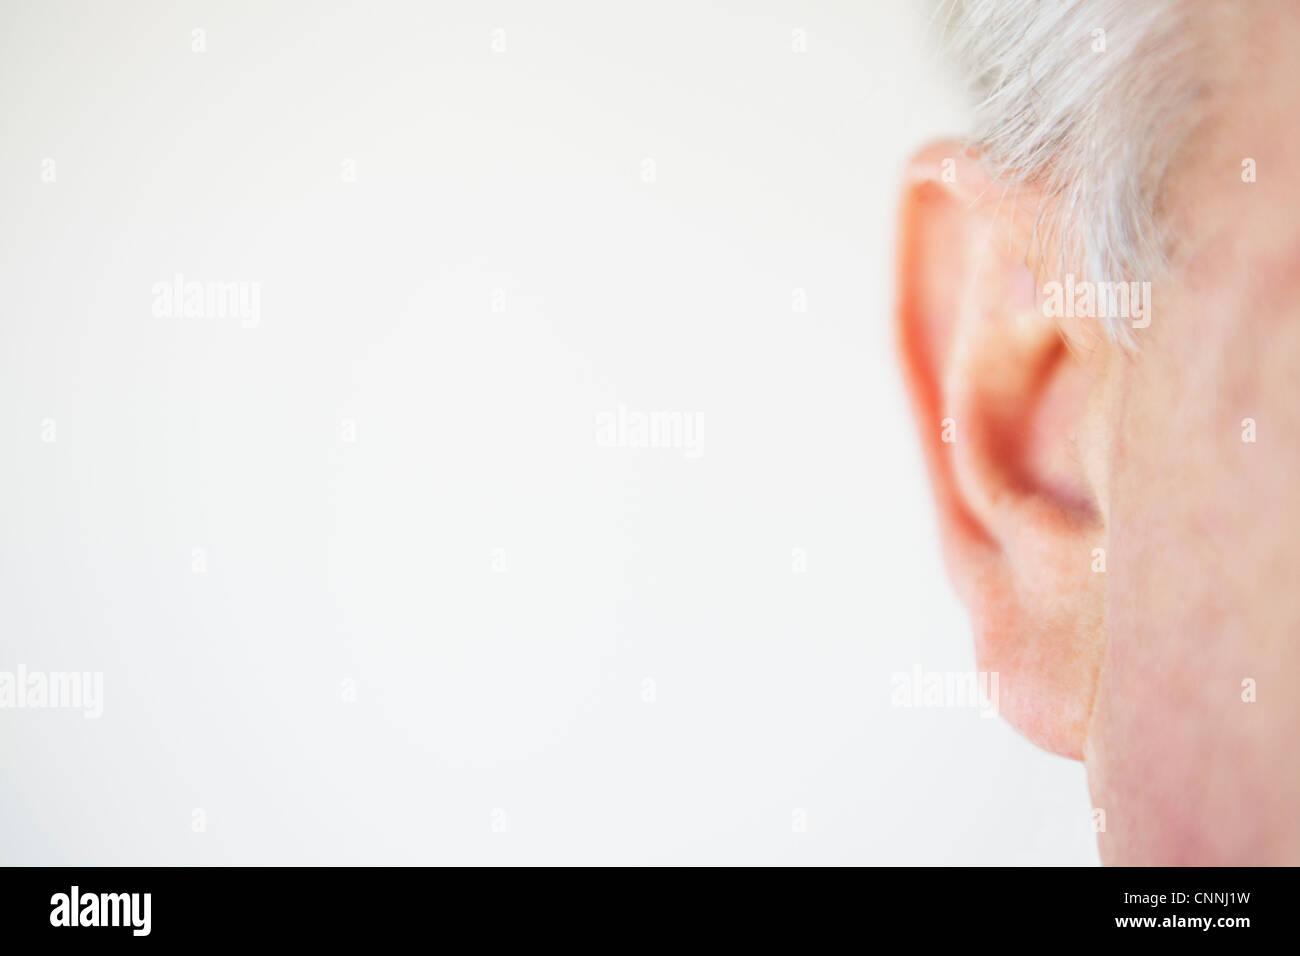 Cerca del oído de la persona de edad Imagen De Stock